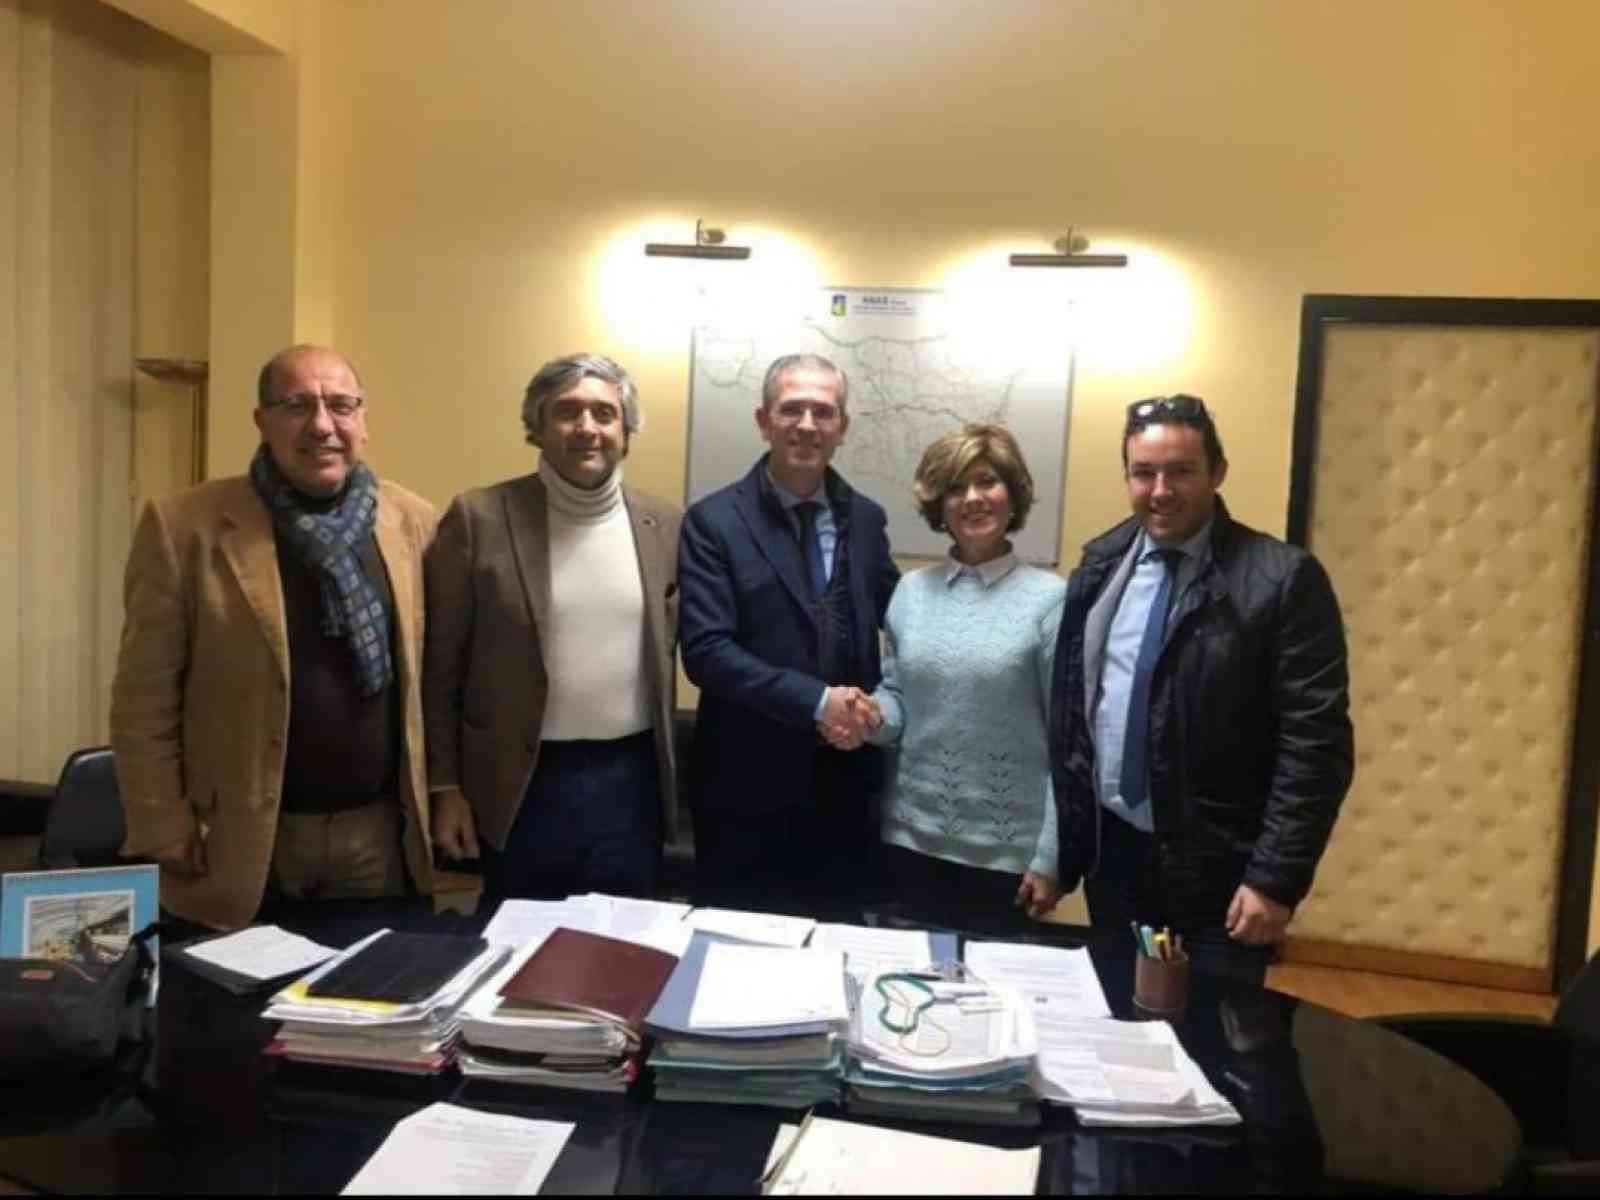 Immagine articolo: Salaparuta, Amministratori comunali incontrano Assessore regionale e Presidente ARS